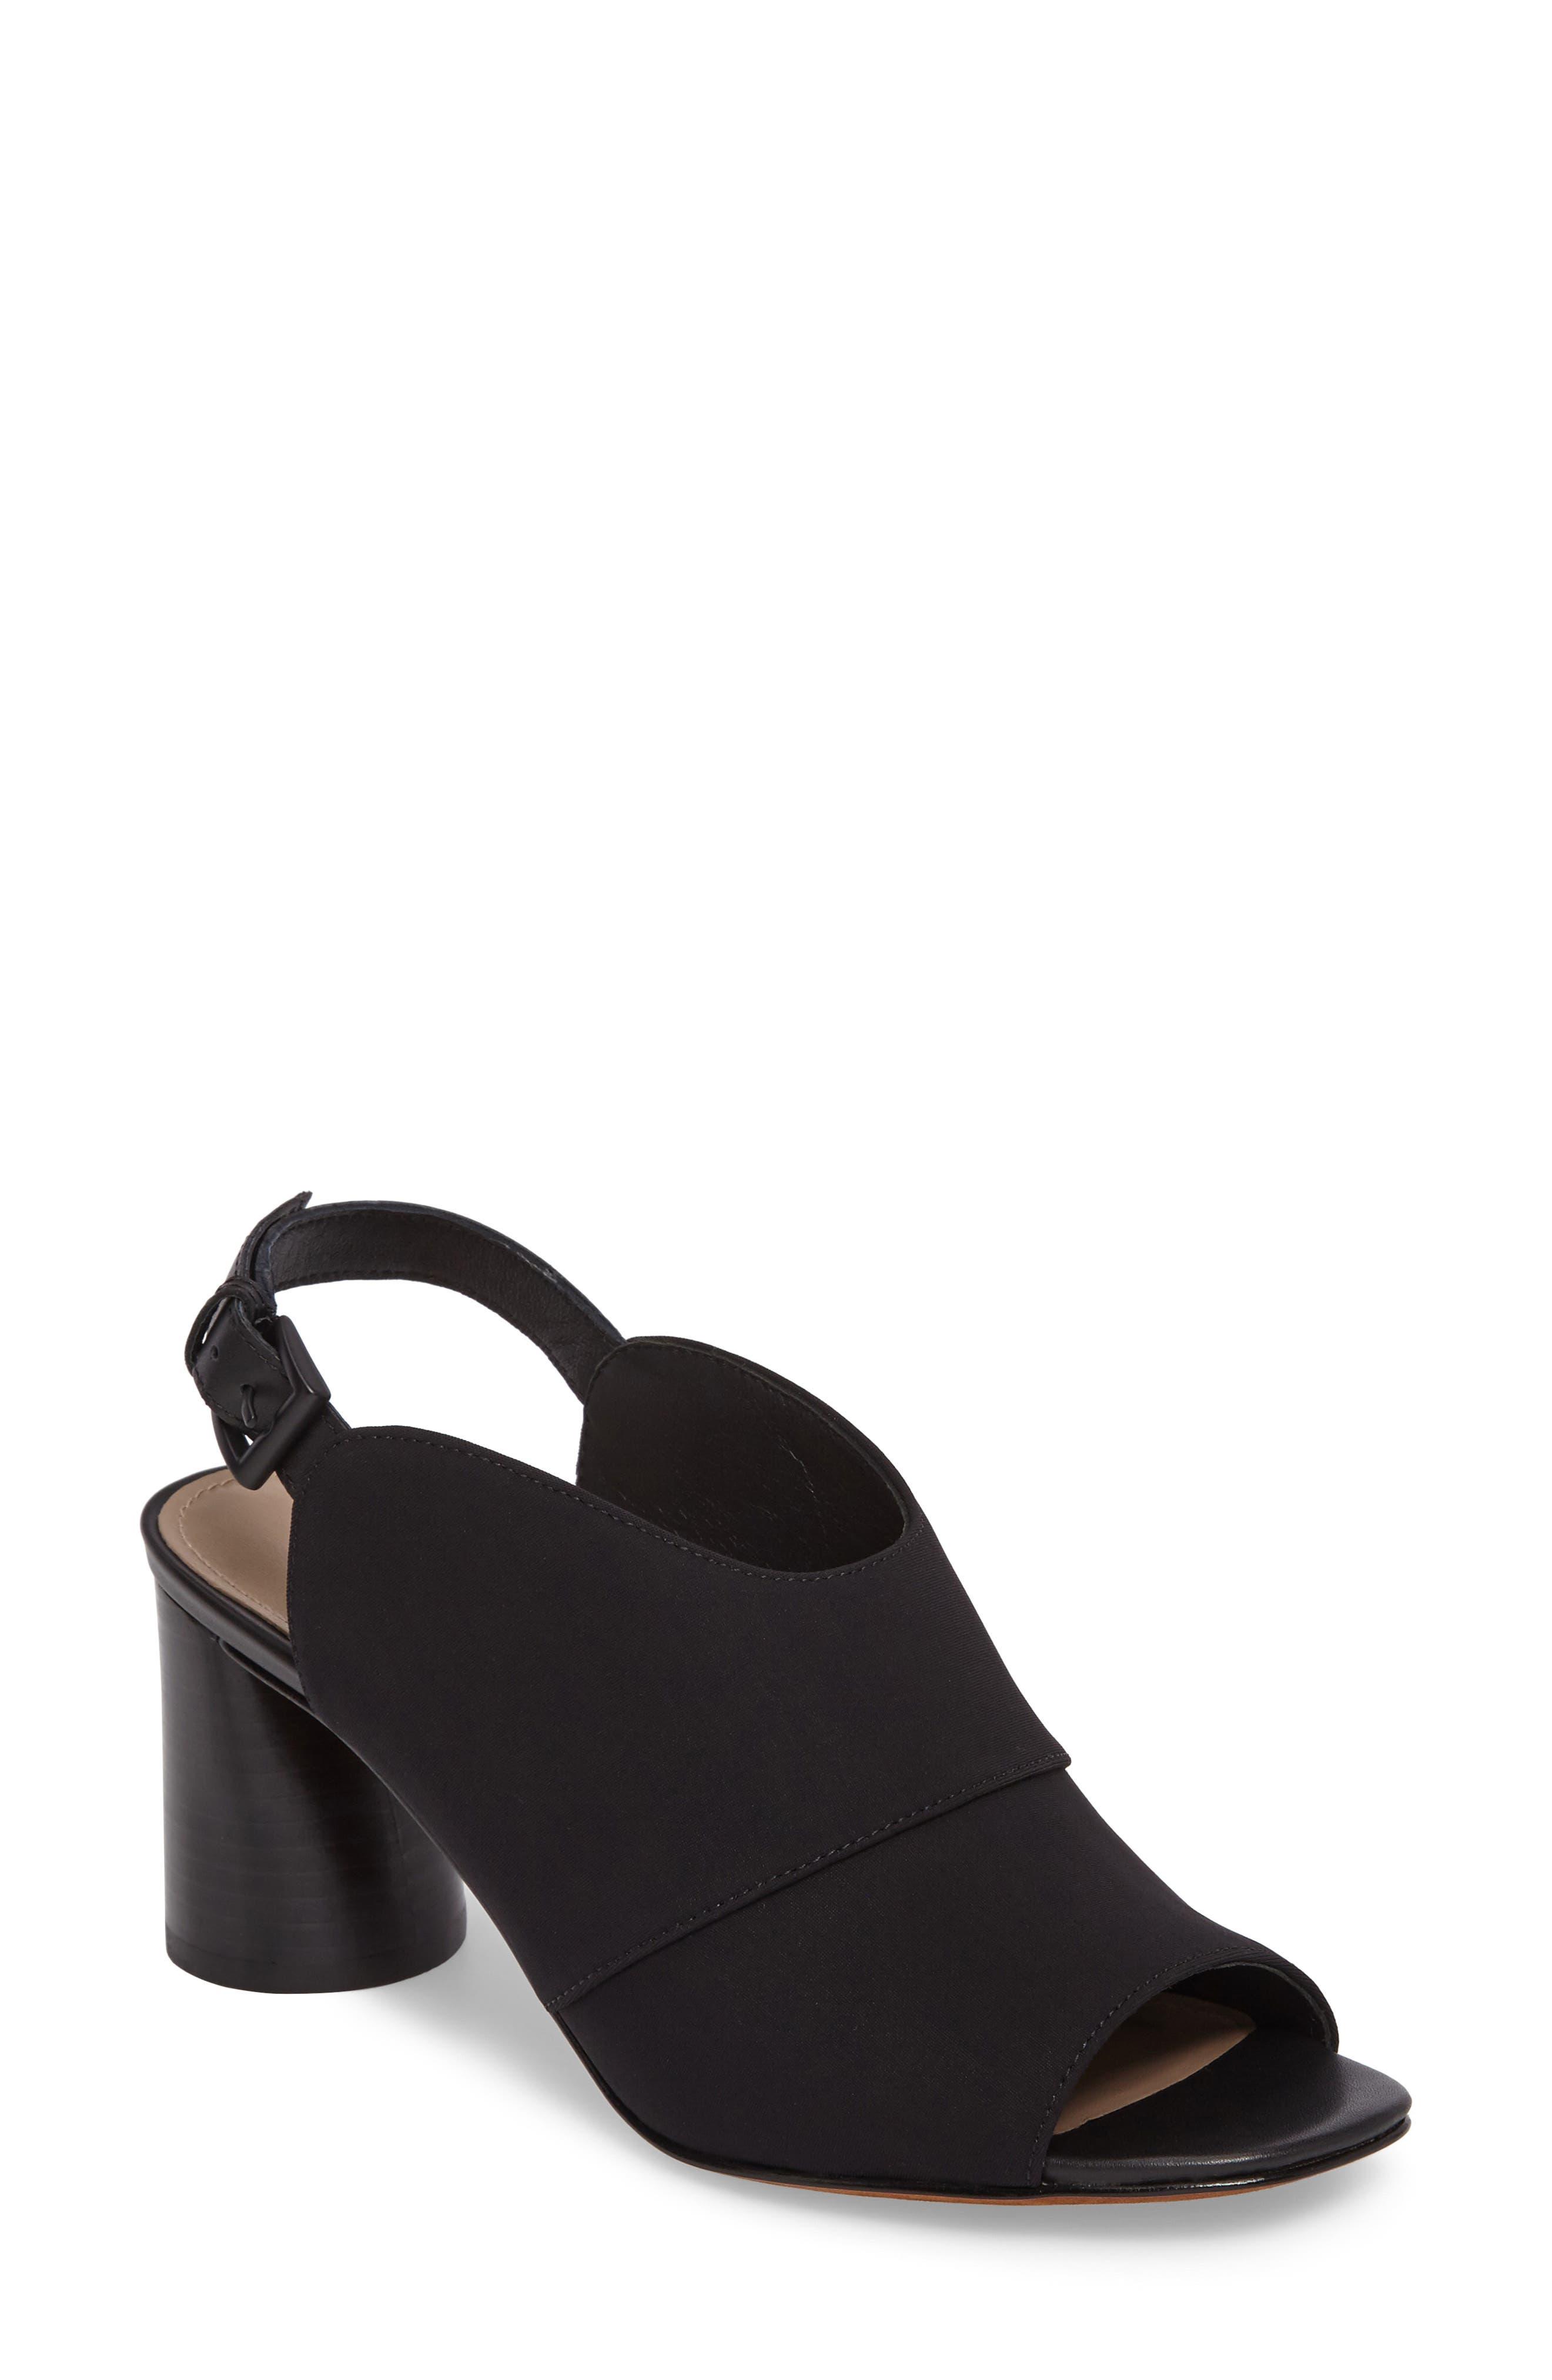 Donald J Pliner Hemi Slingback Sandal,                         Main,                         color, Black Fabric